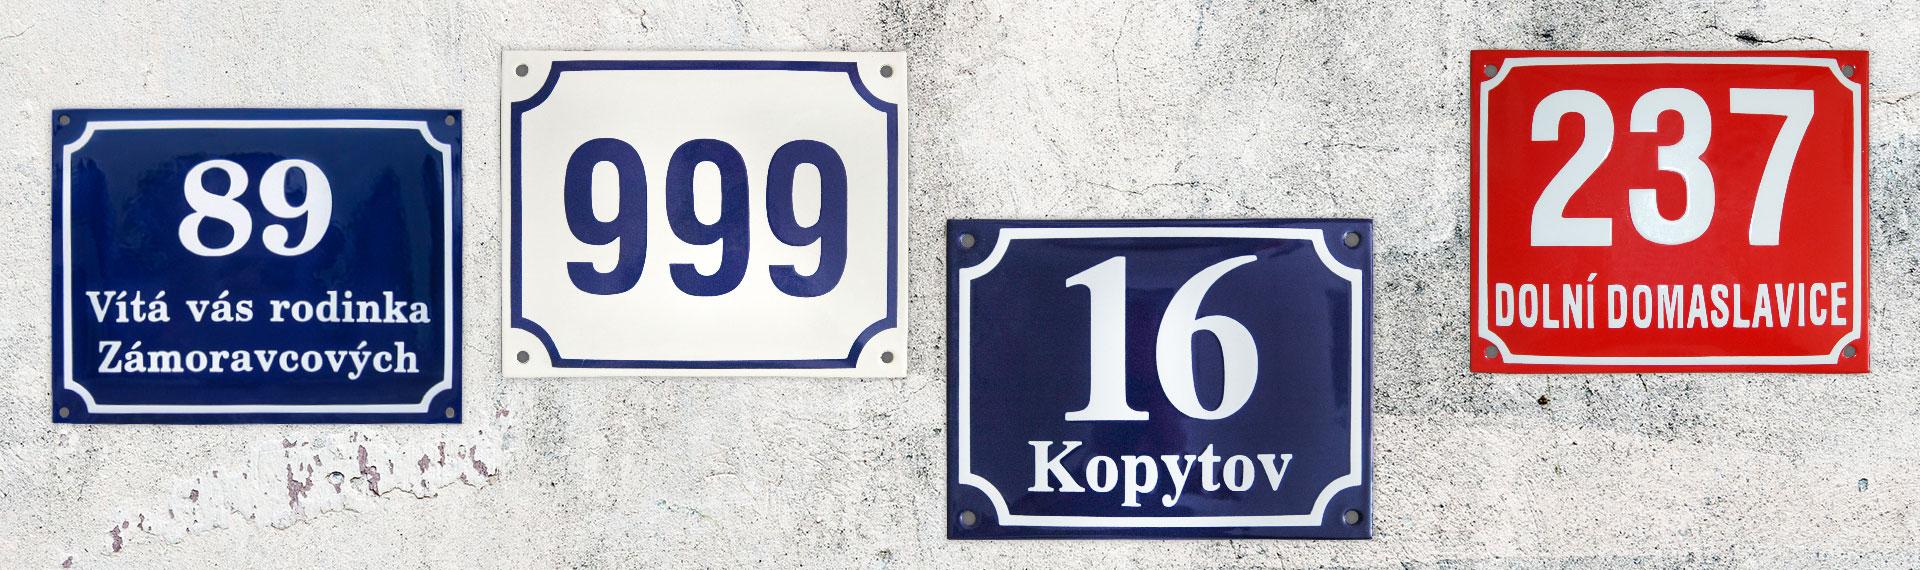 Uličné tabule a domové čísla